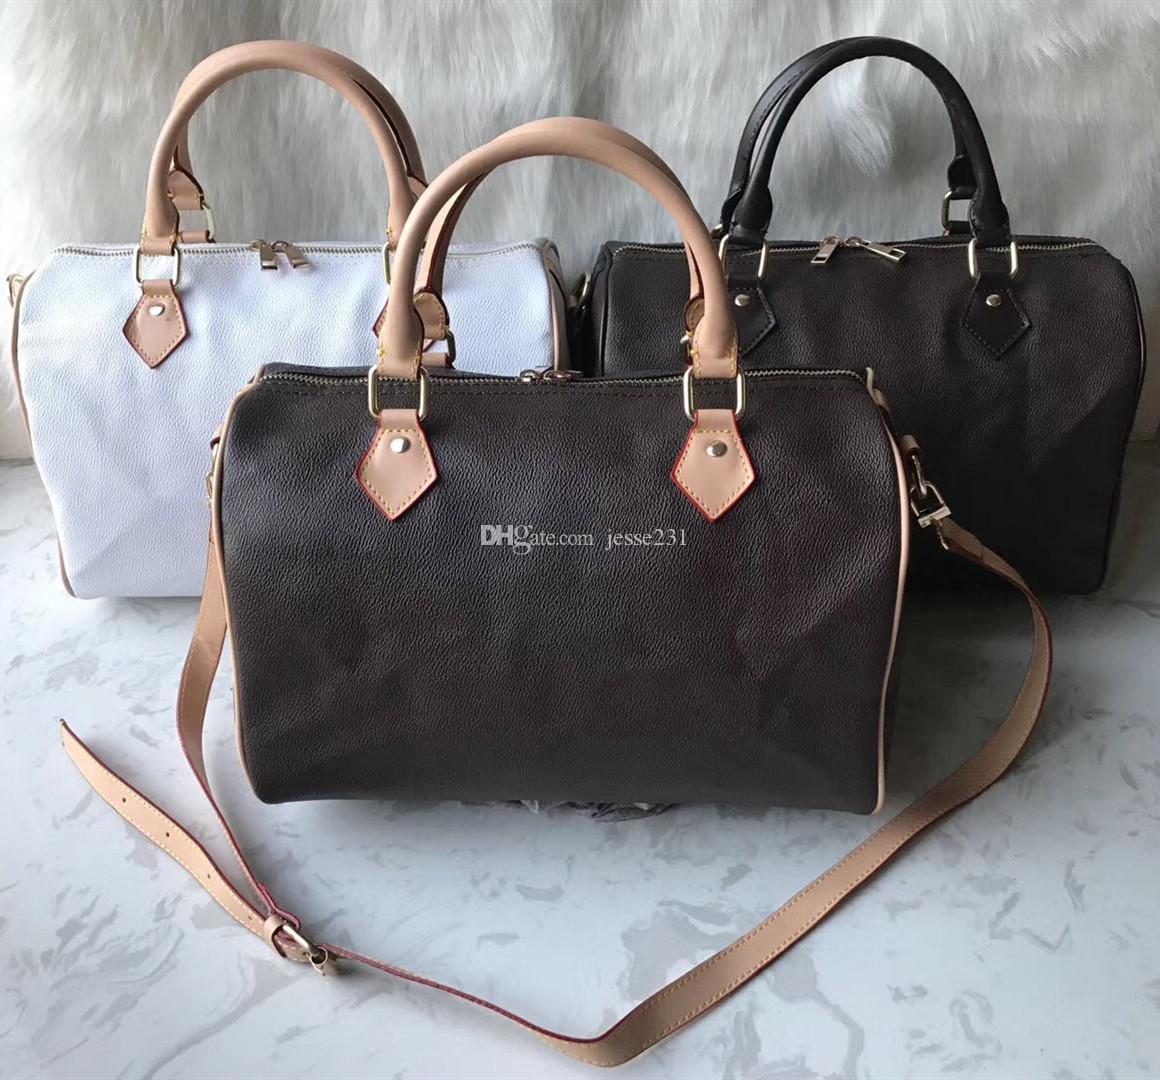 Omuz Kayışı Toz Torbalı Moda Çanta Cüzdanlar Klasik Kadın kurye çantası Omuz Çantaları Lady Totes çanta 35cm